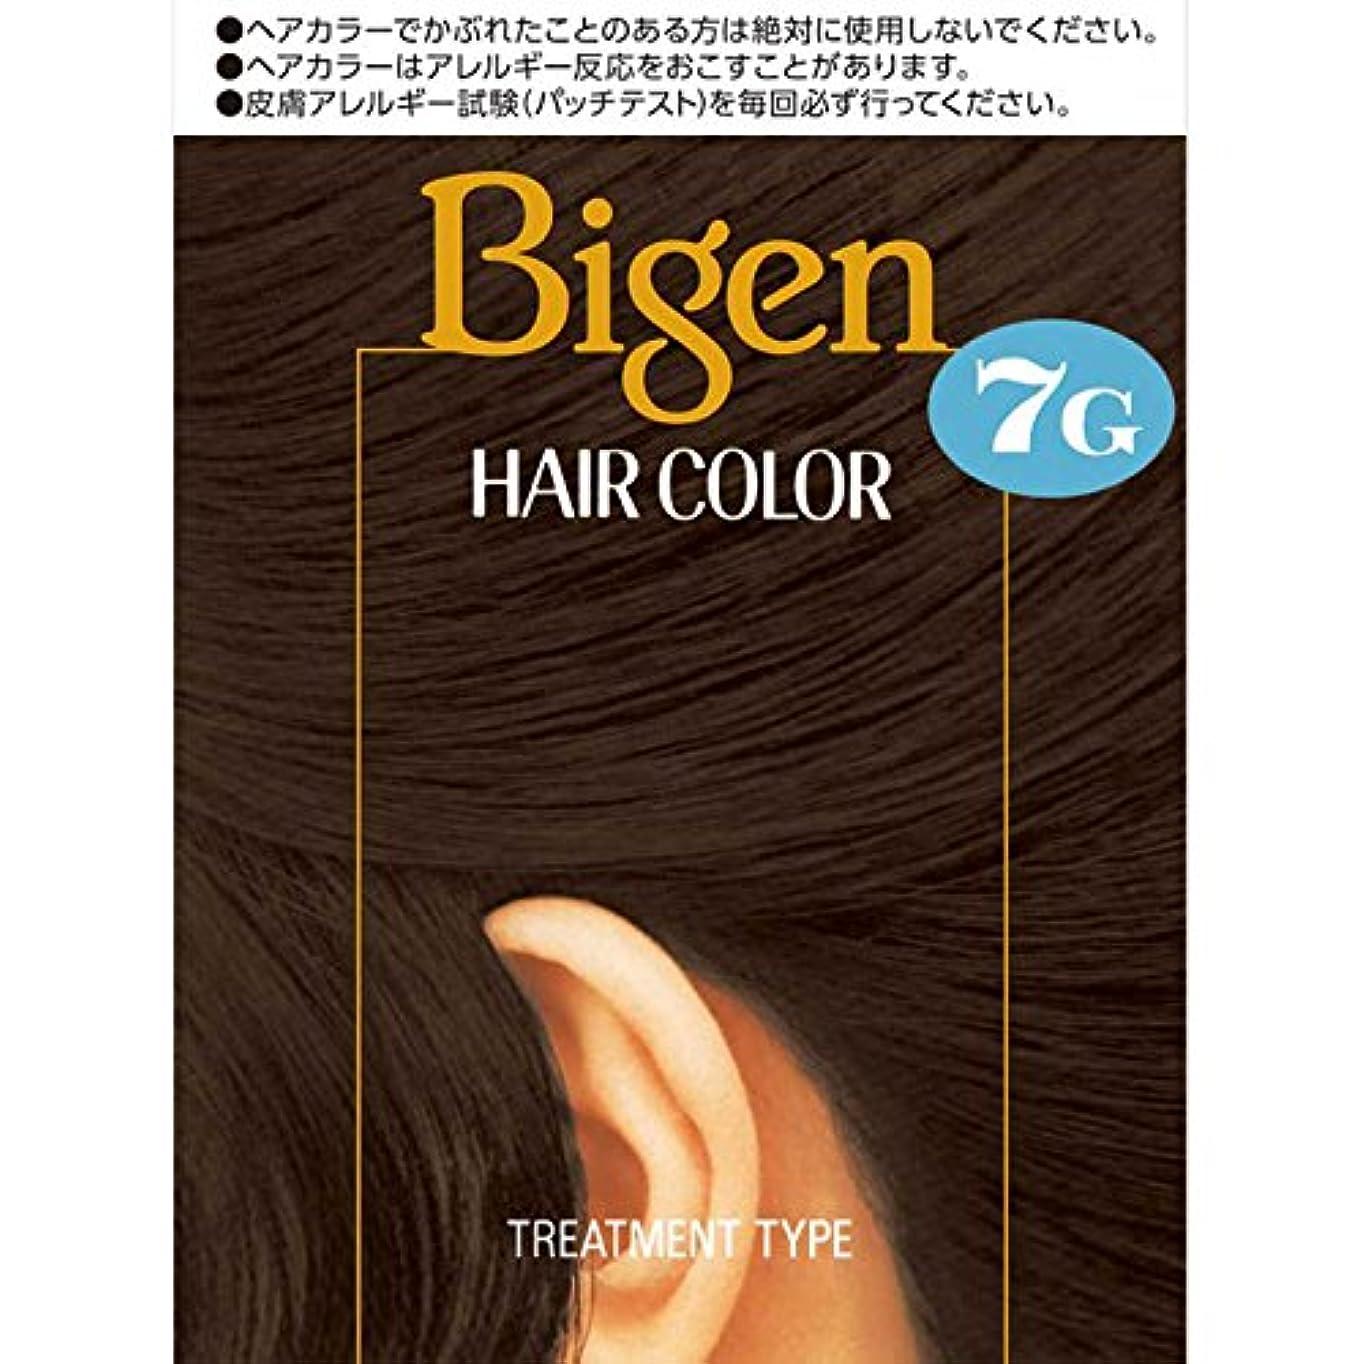 ホーユー ビゲン ヘアカラー 7G 自然な黒褐色 40ml×2